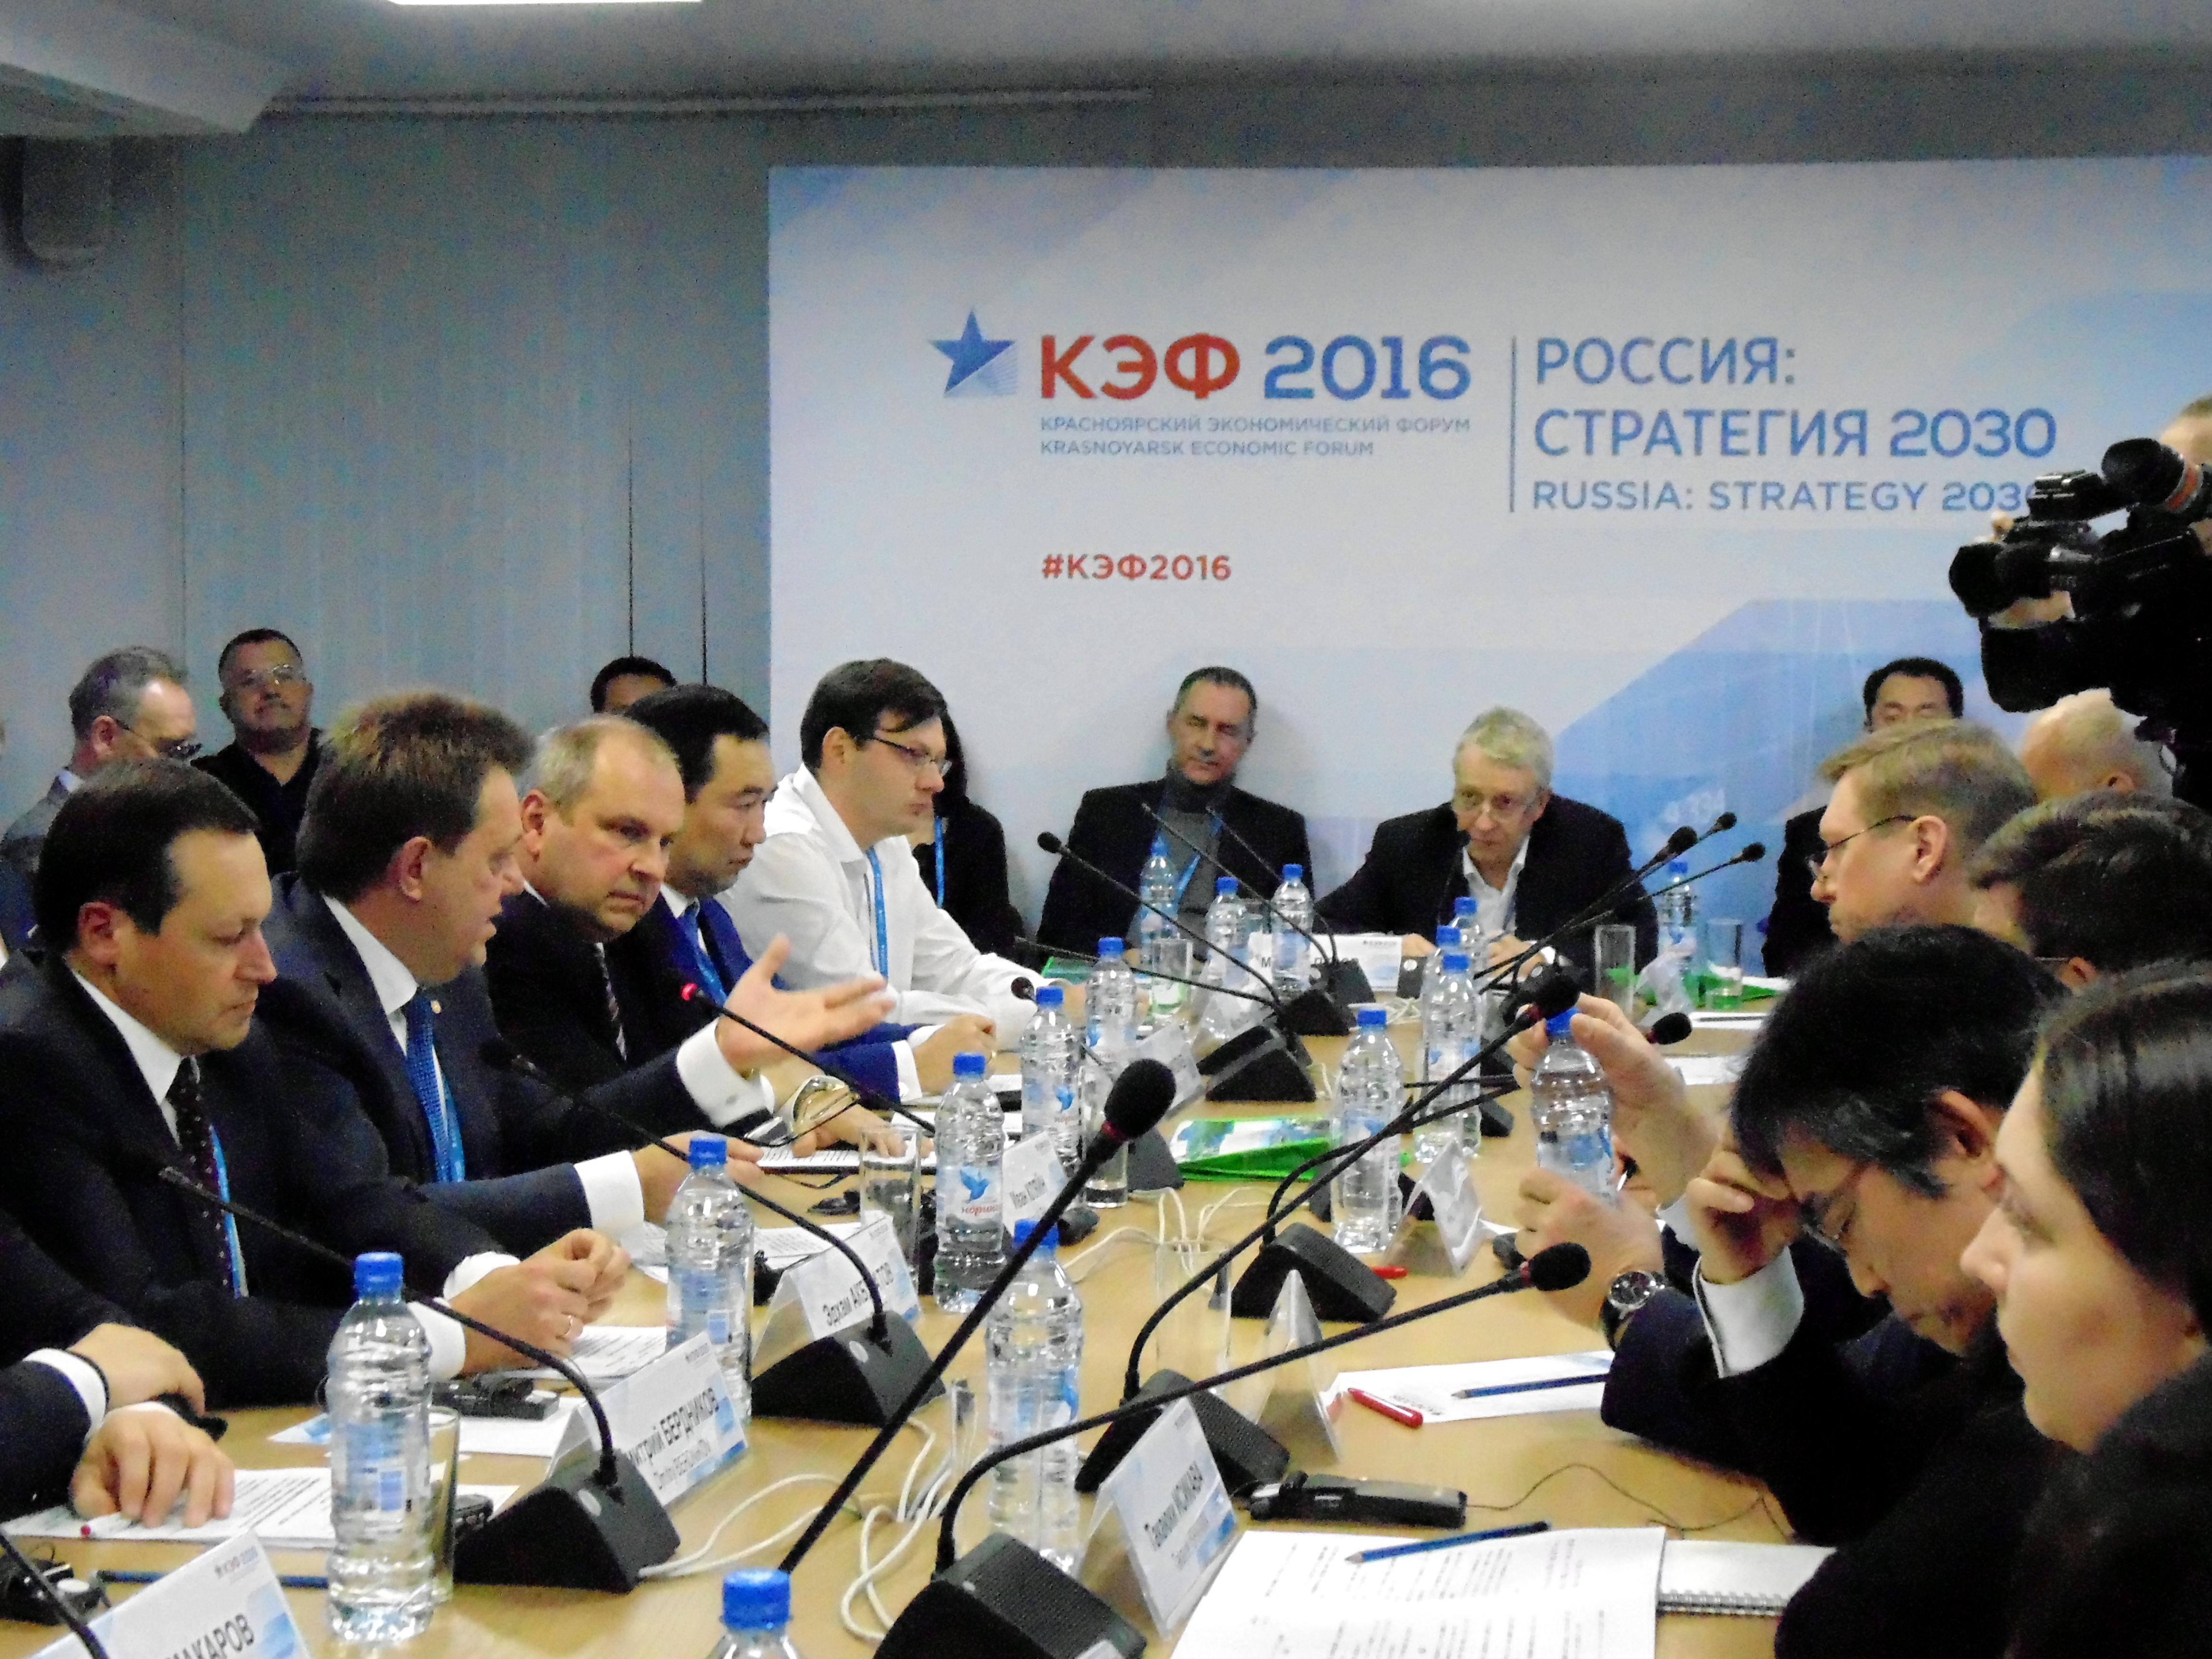 Красноярск задает новую градостроительную высоту